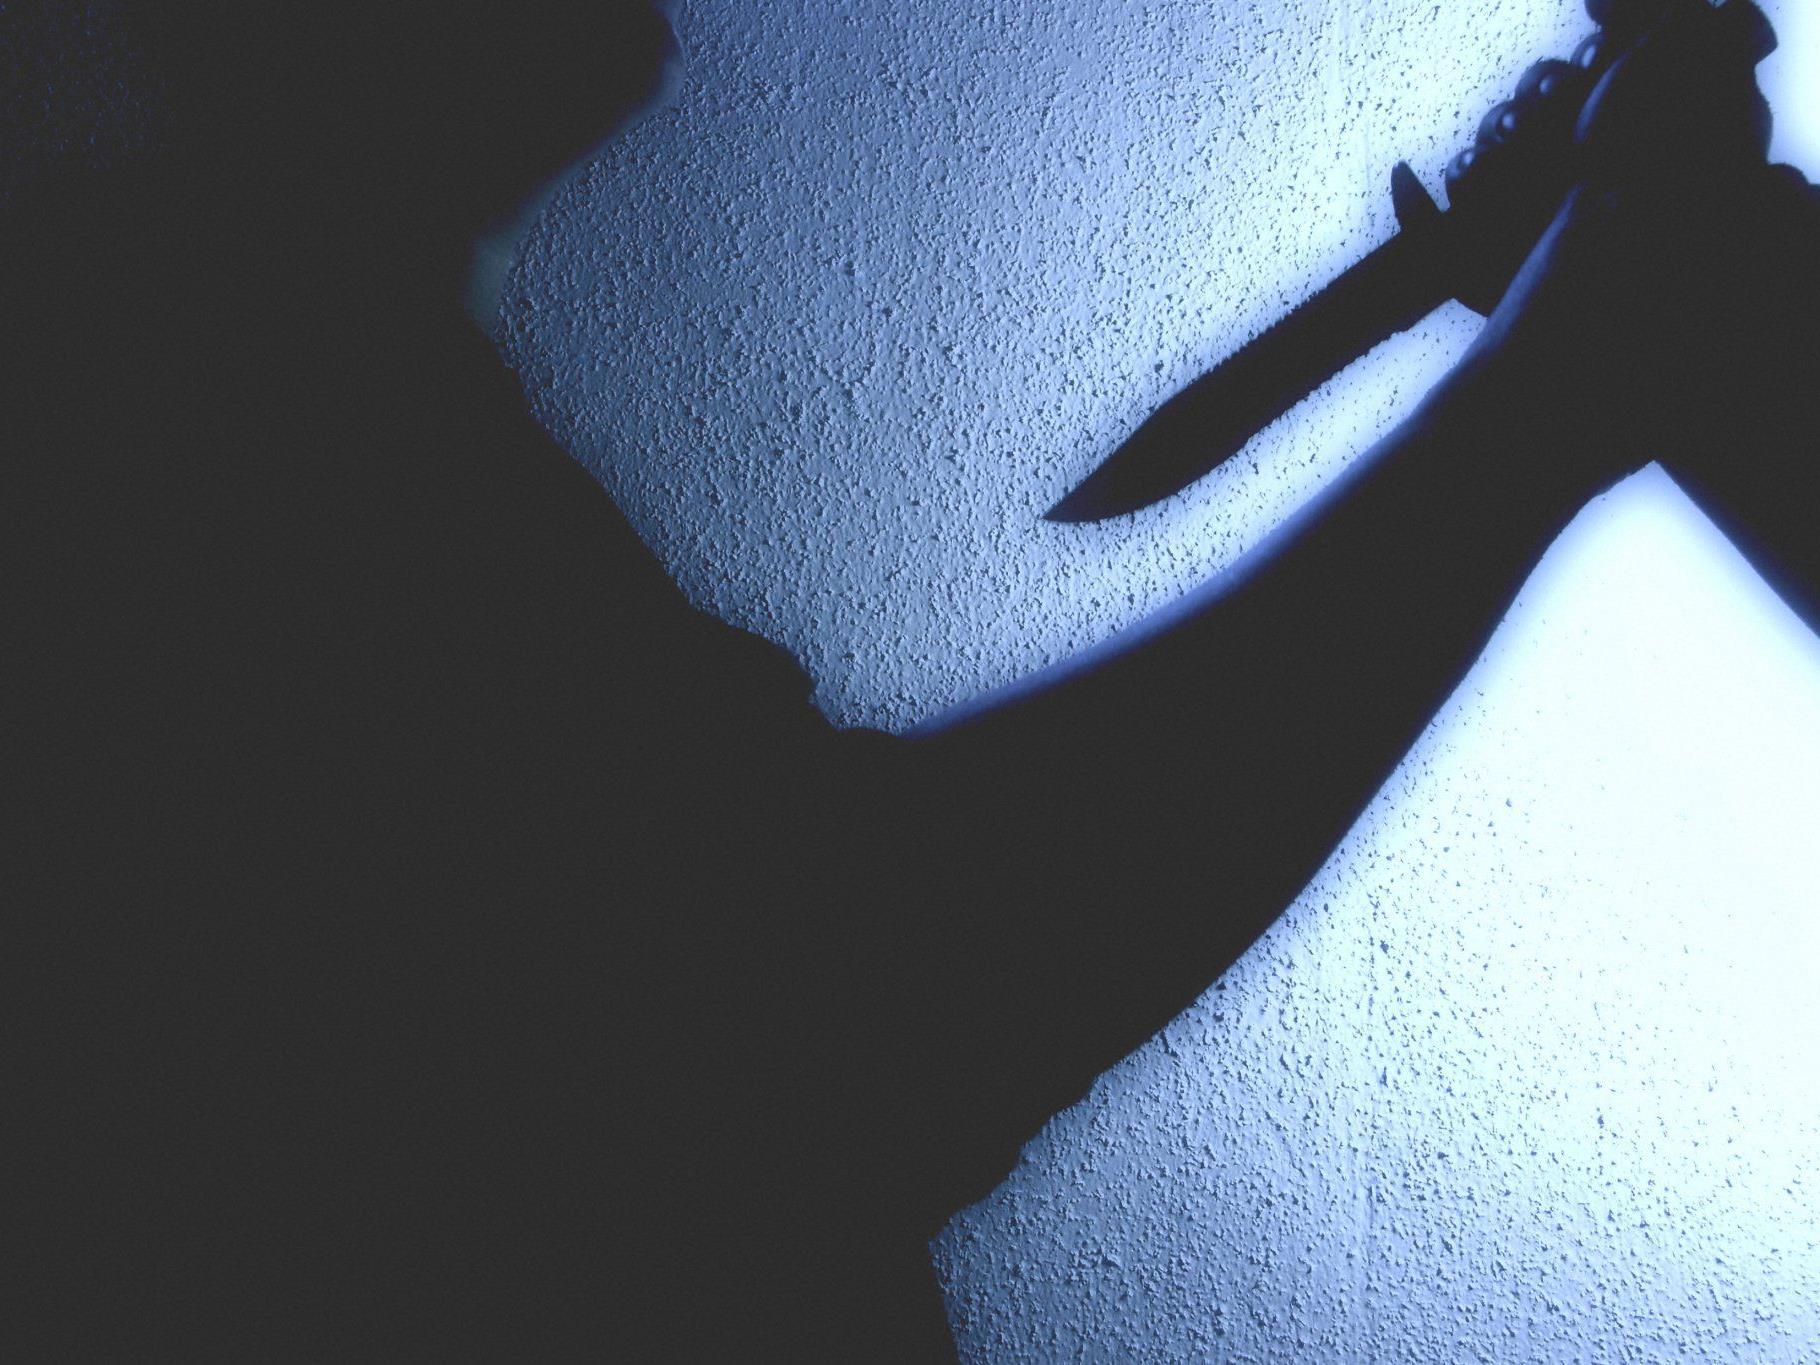 Die Frau attackierte ihren Lebensgefährten mit einem Küchenmesser.